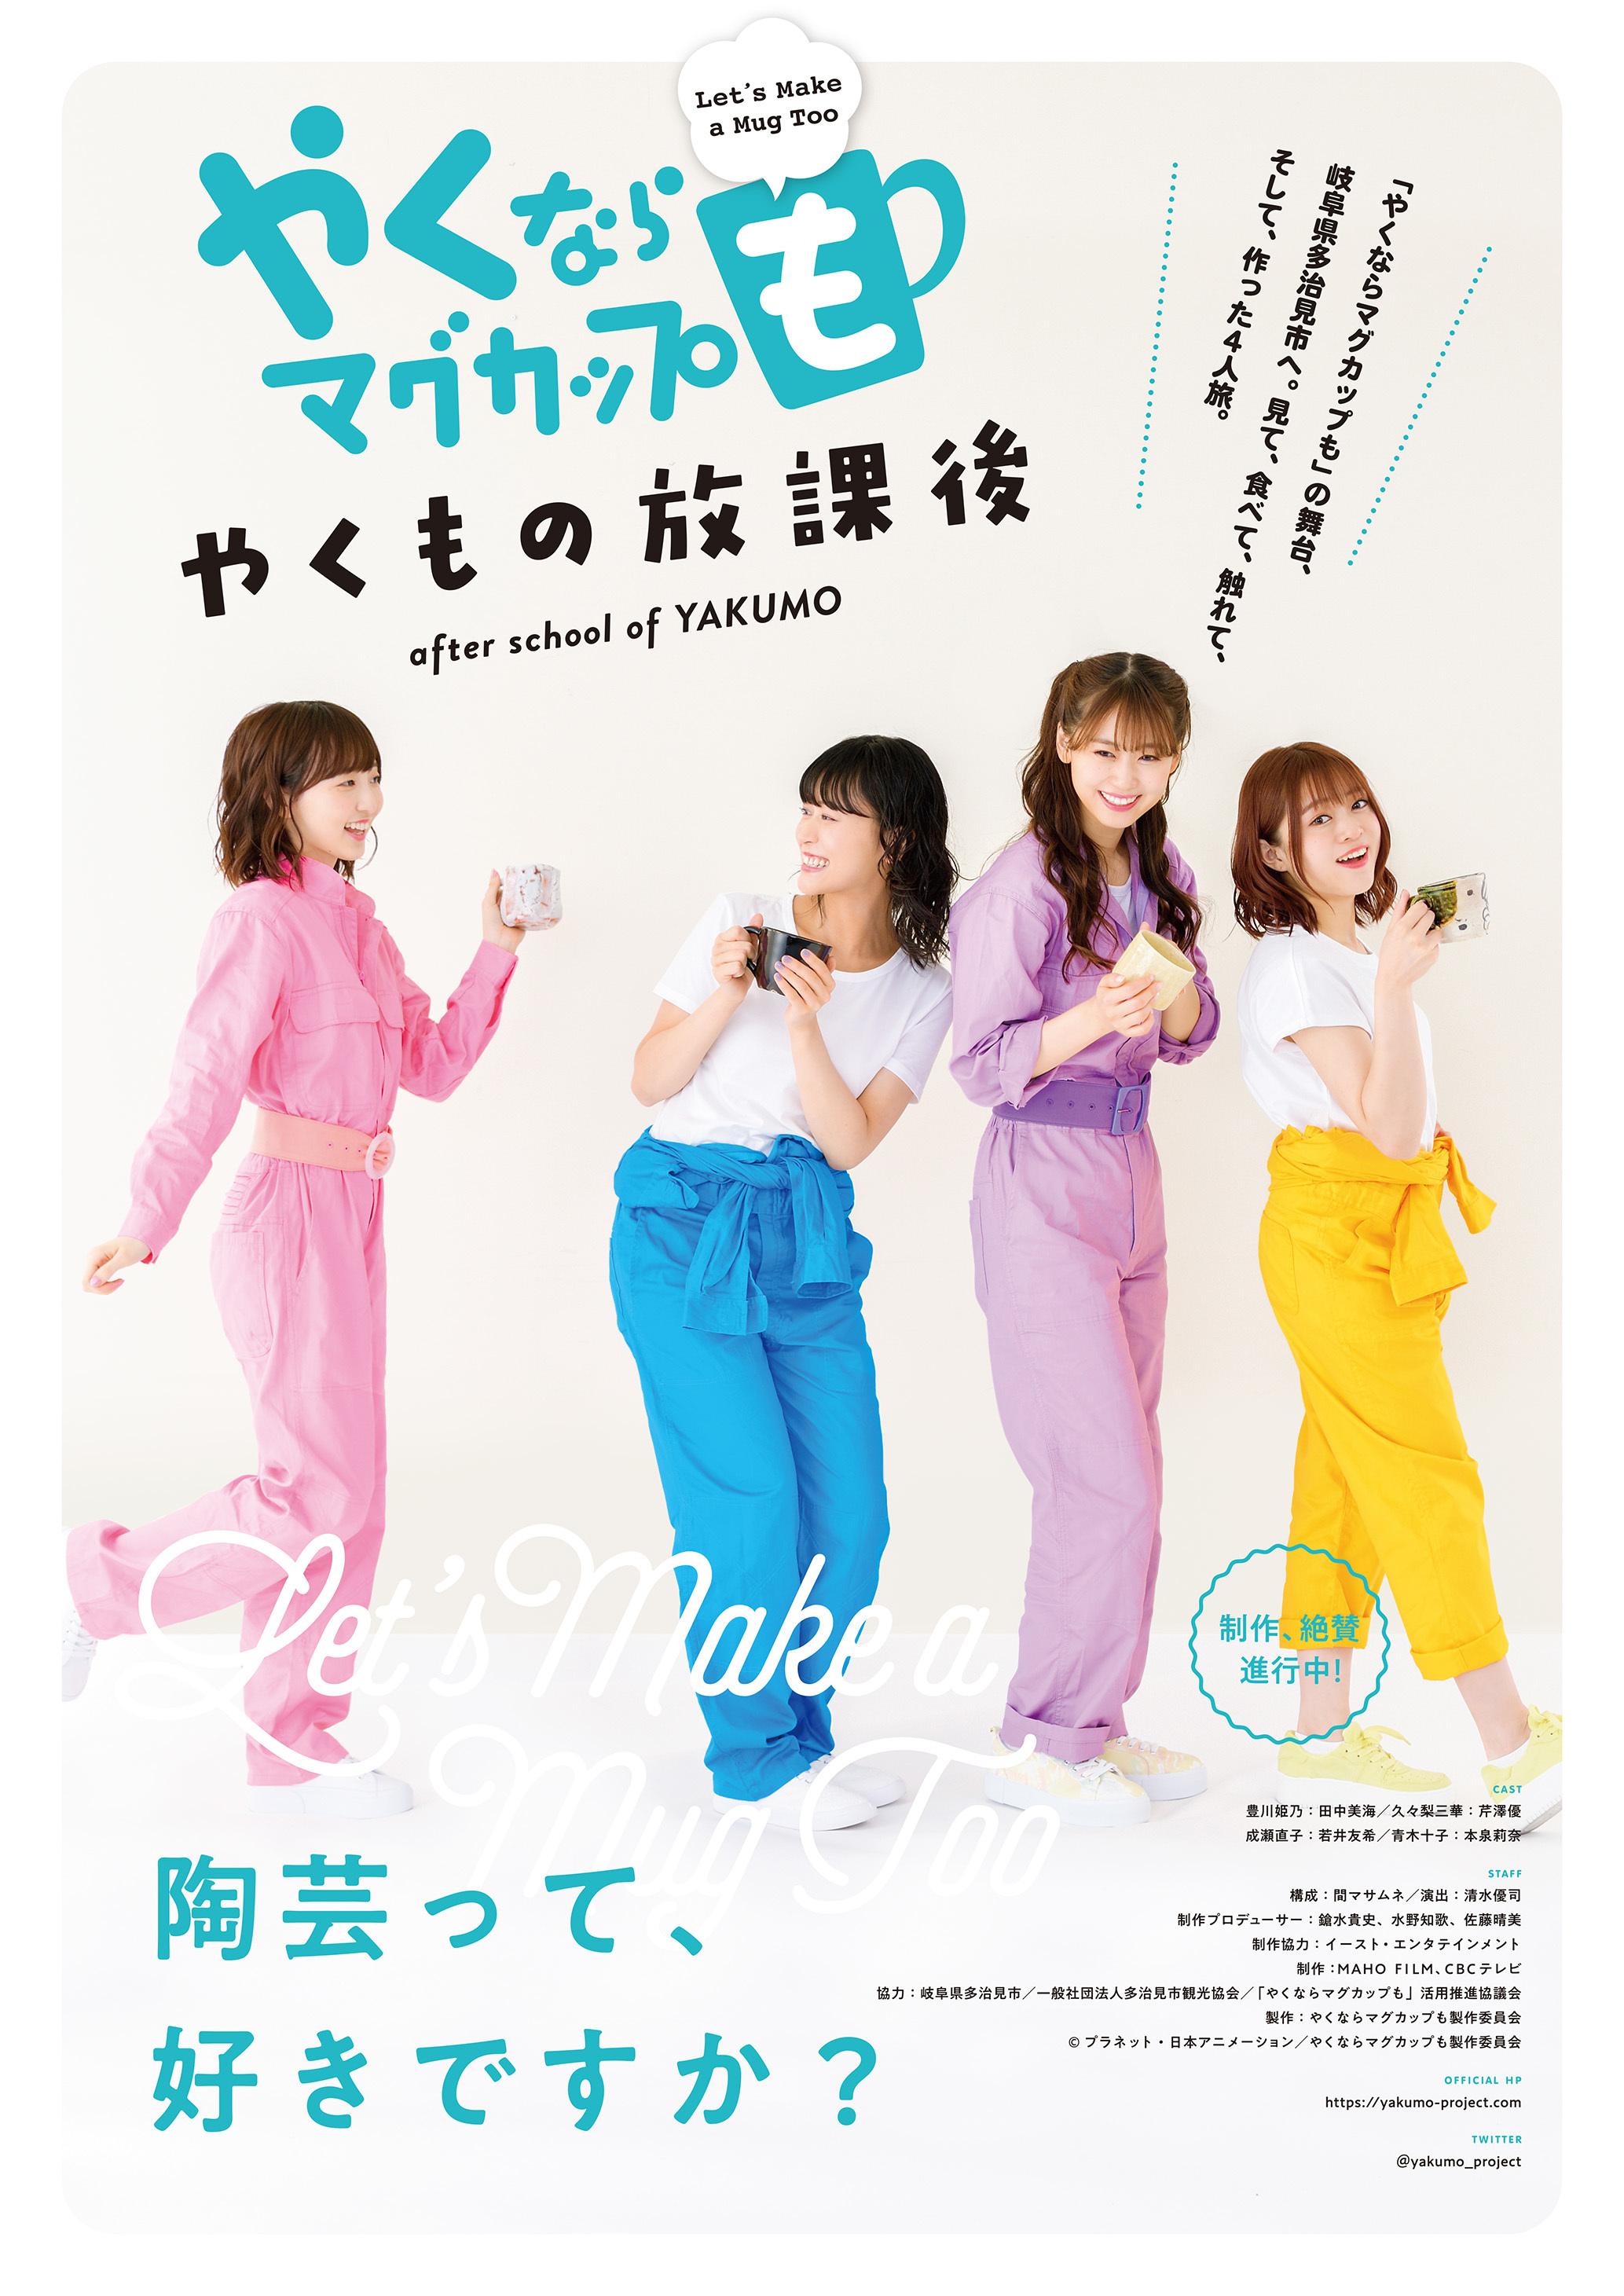 実写パート『やくならマグカップも-やくもの放課後-』ビジュアル (C) プラネット・日本アニメーション/やくならマグカップも製作委員会